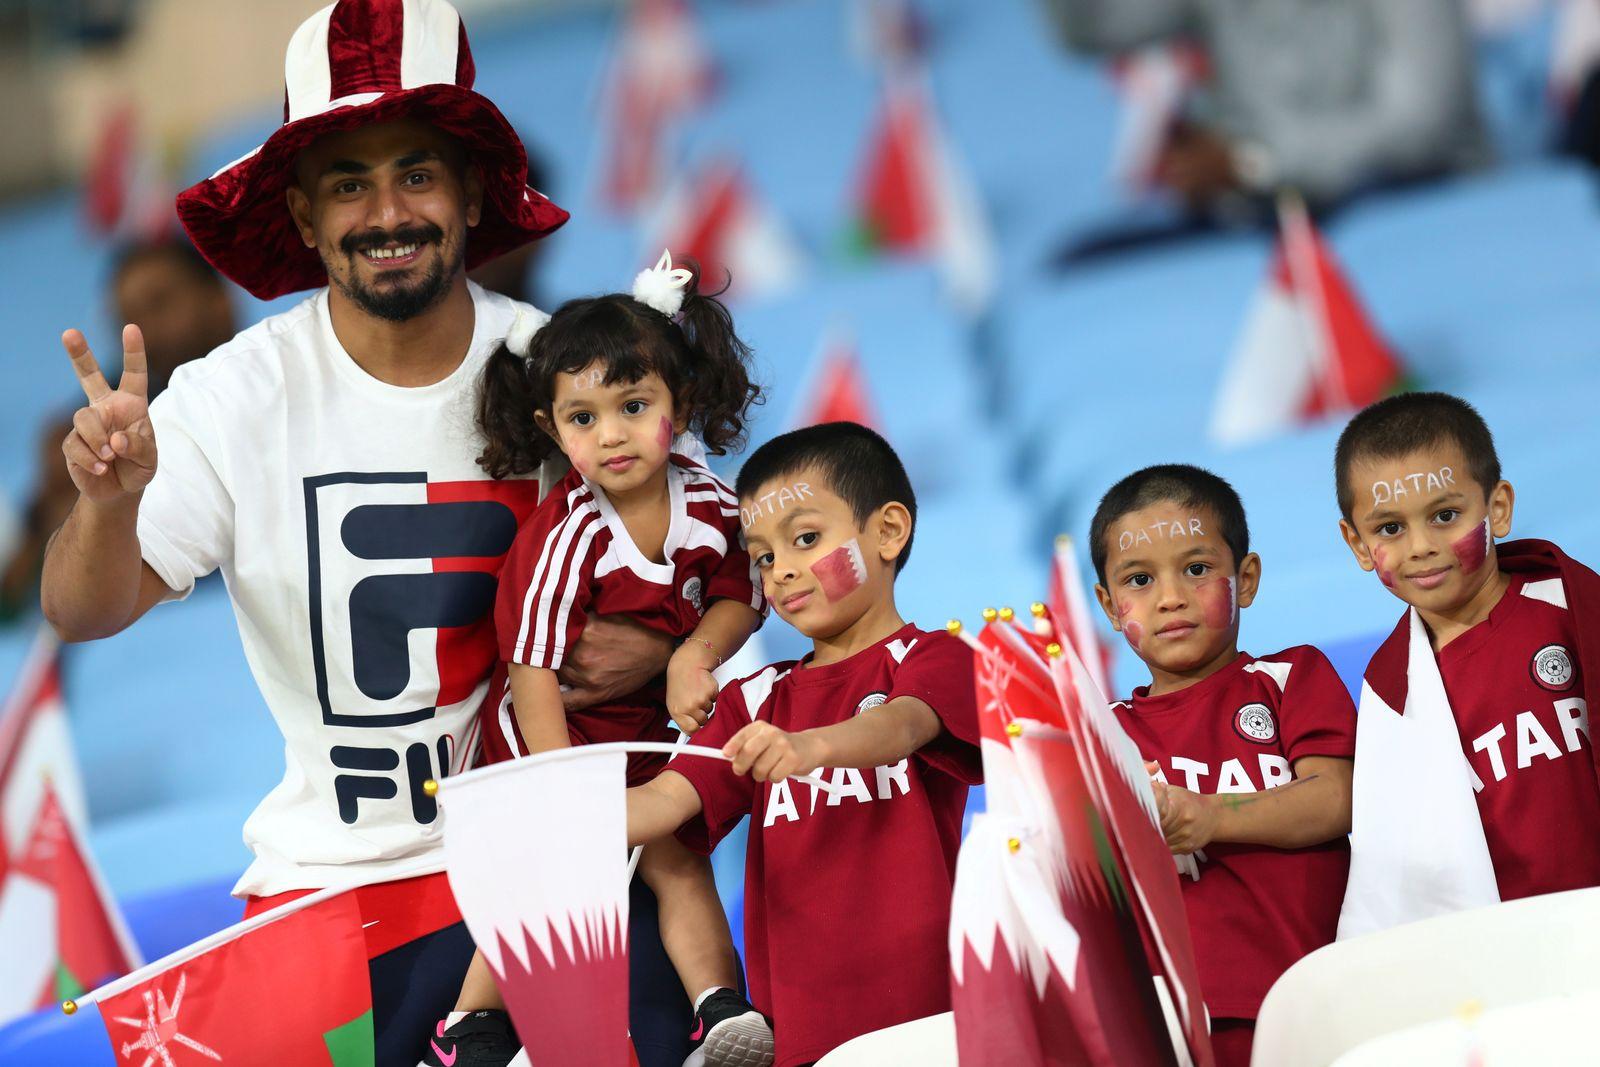 Katar/ Fussball/ Asien Cup 2019/ Fans